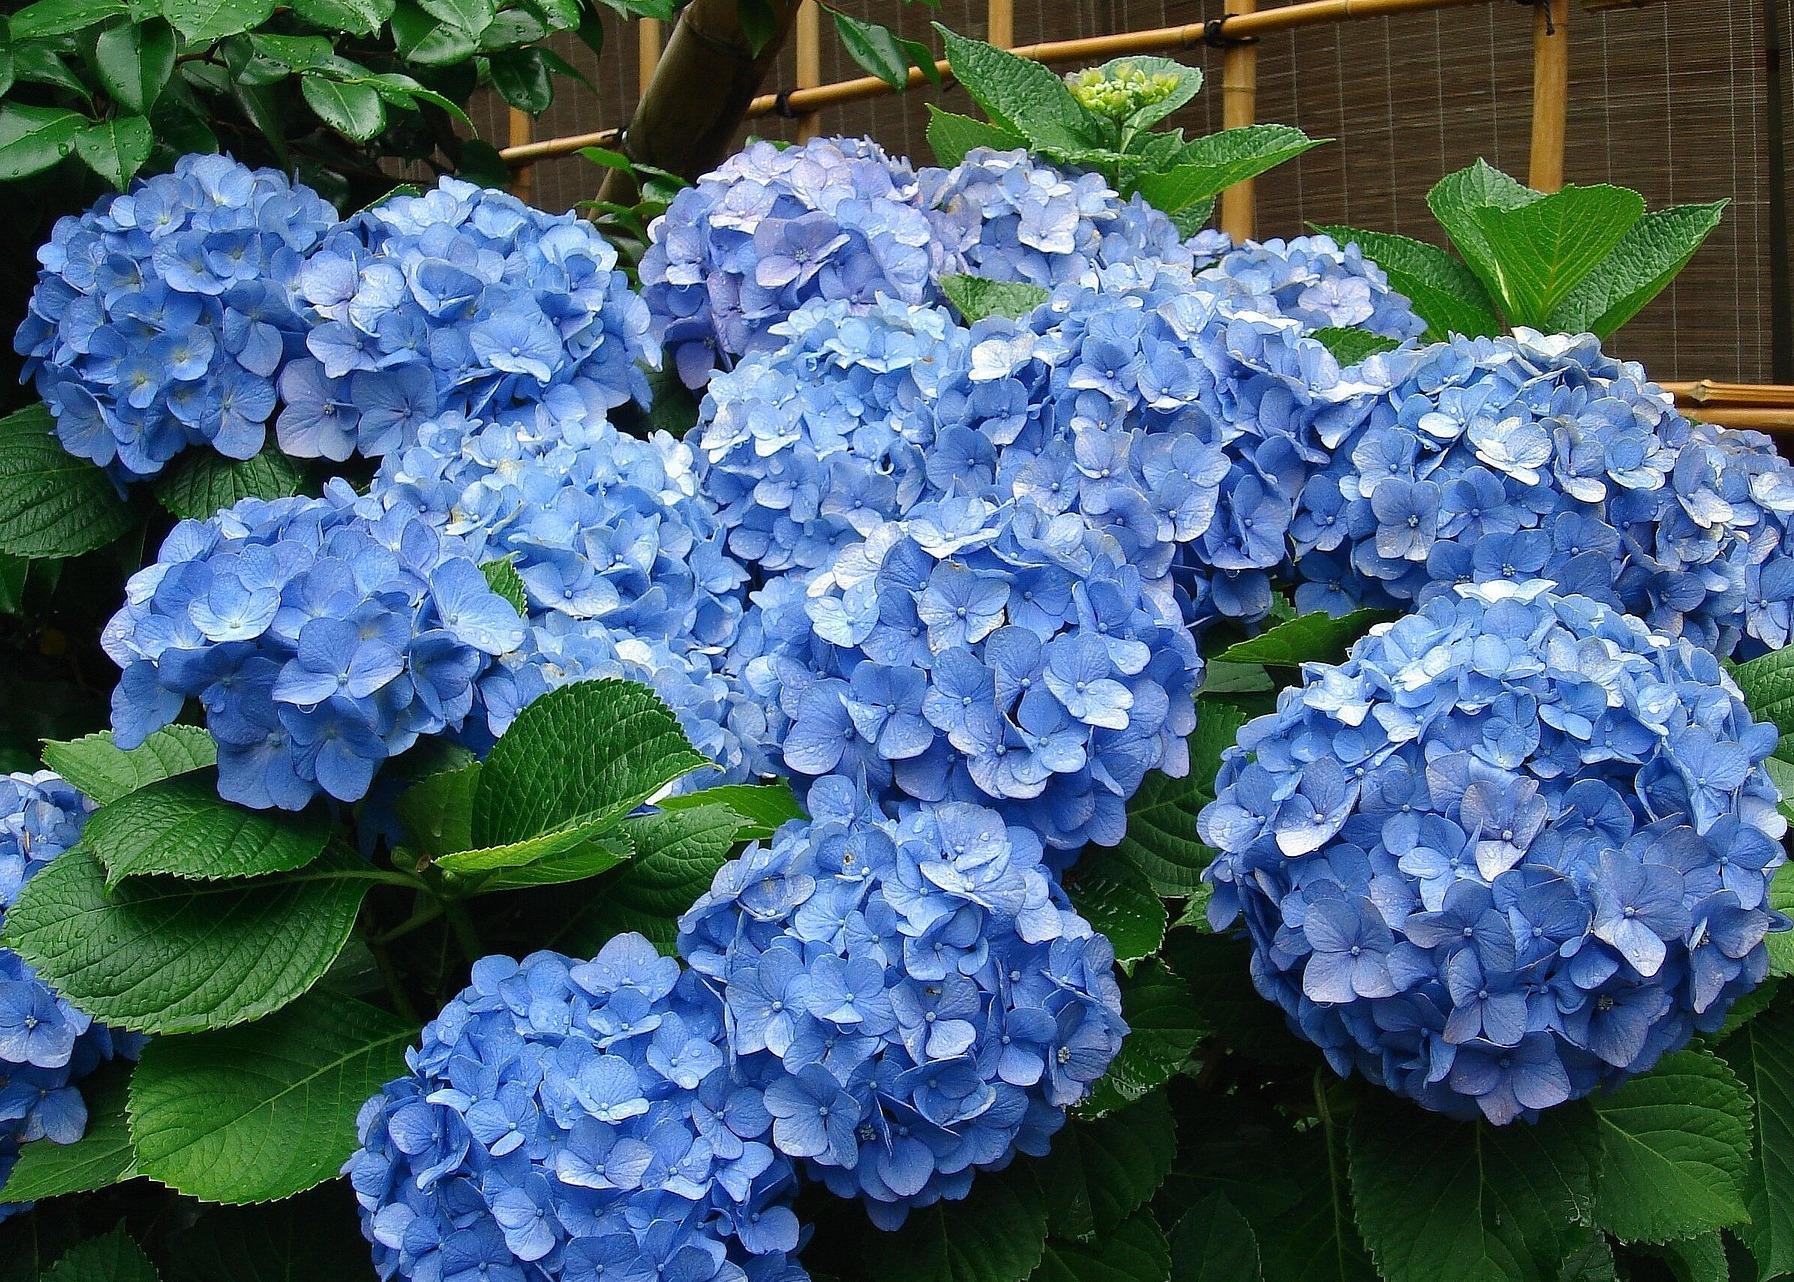 Những sai lầm dễ gặp phải khi trồng hoa cẩm tú cầu - Ảnh 3.